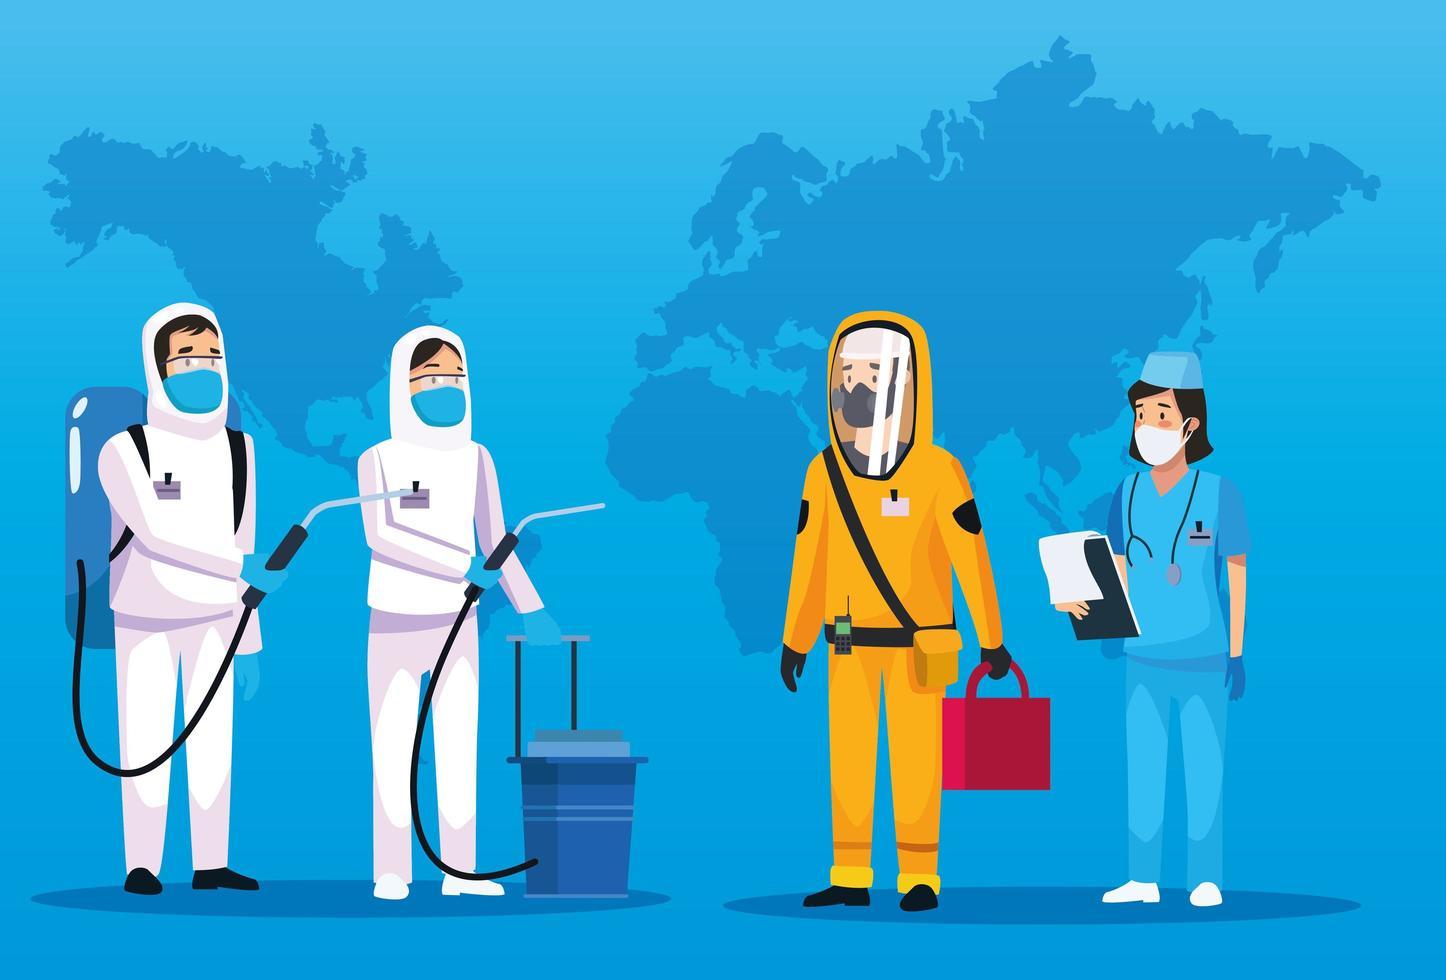 pessoas de limpeza de risco biológico com enfermeira e mapa mundial vetor